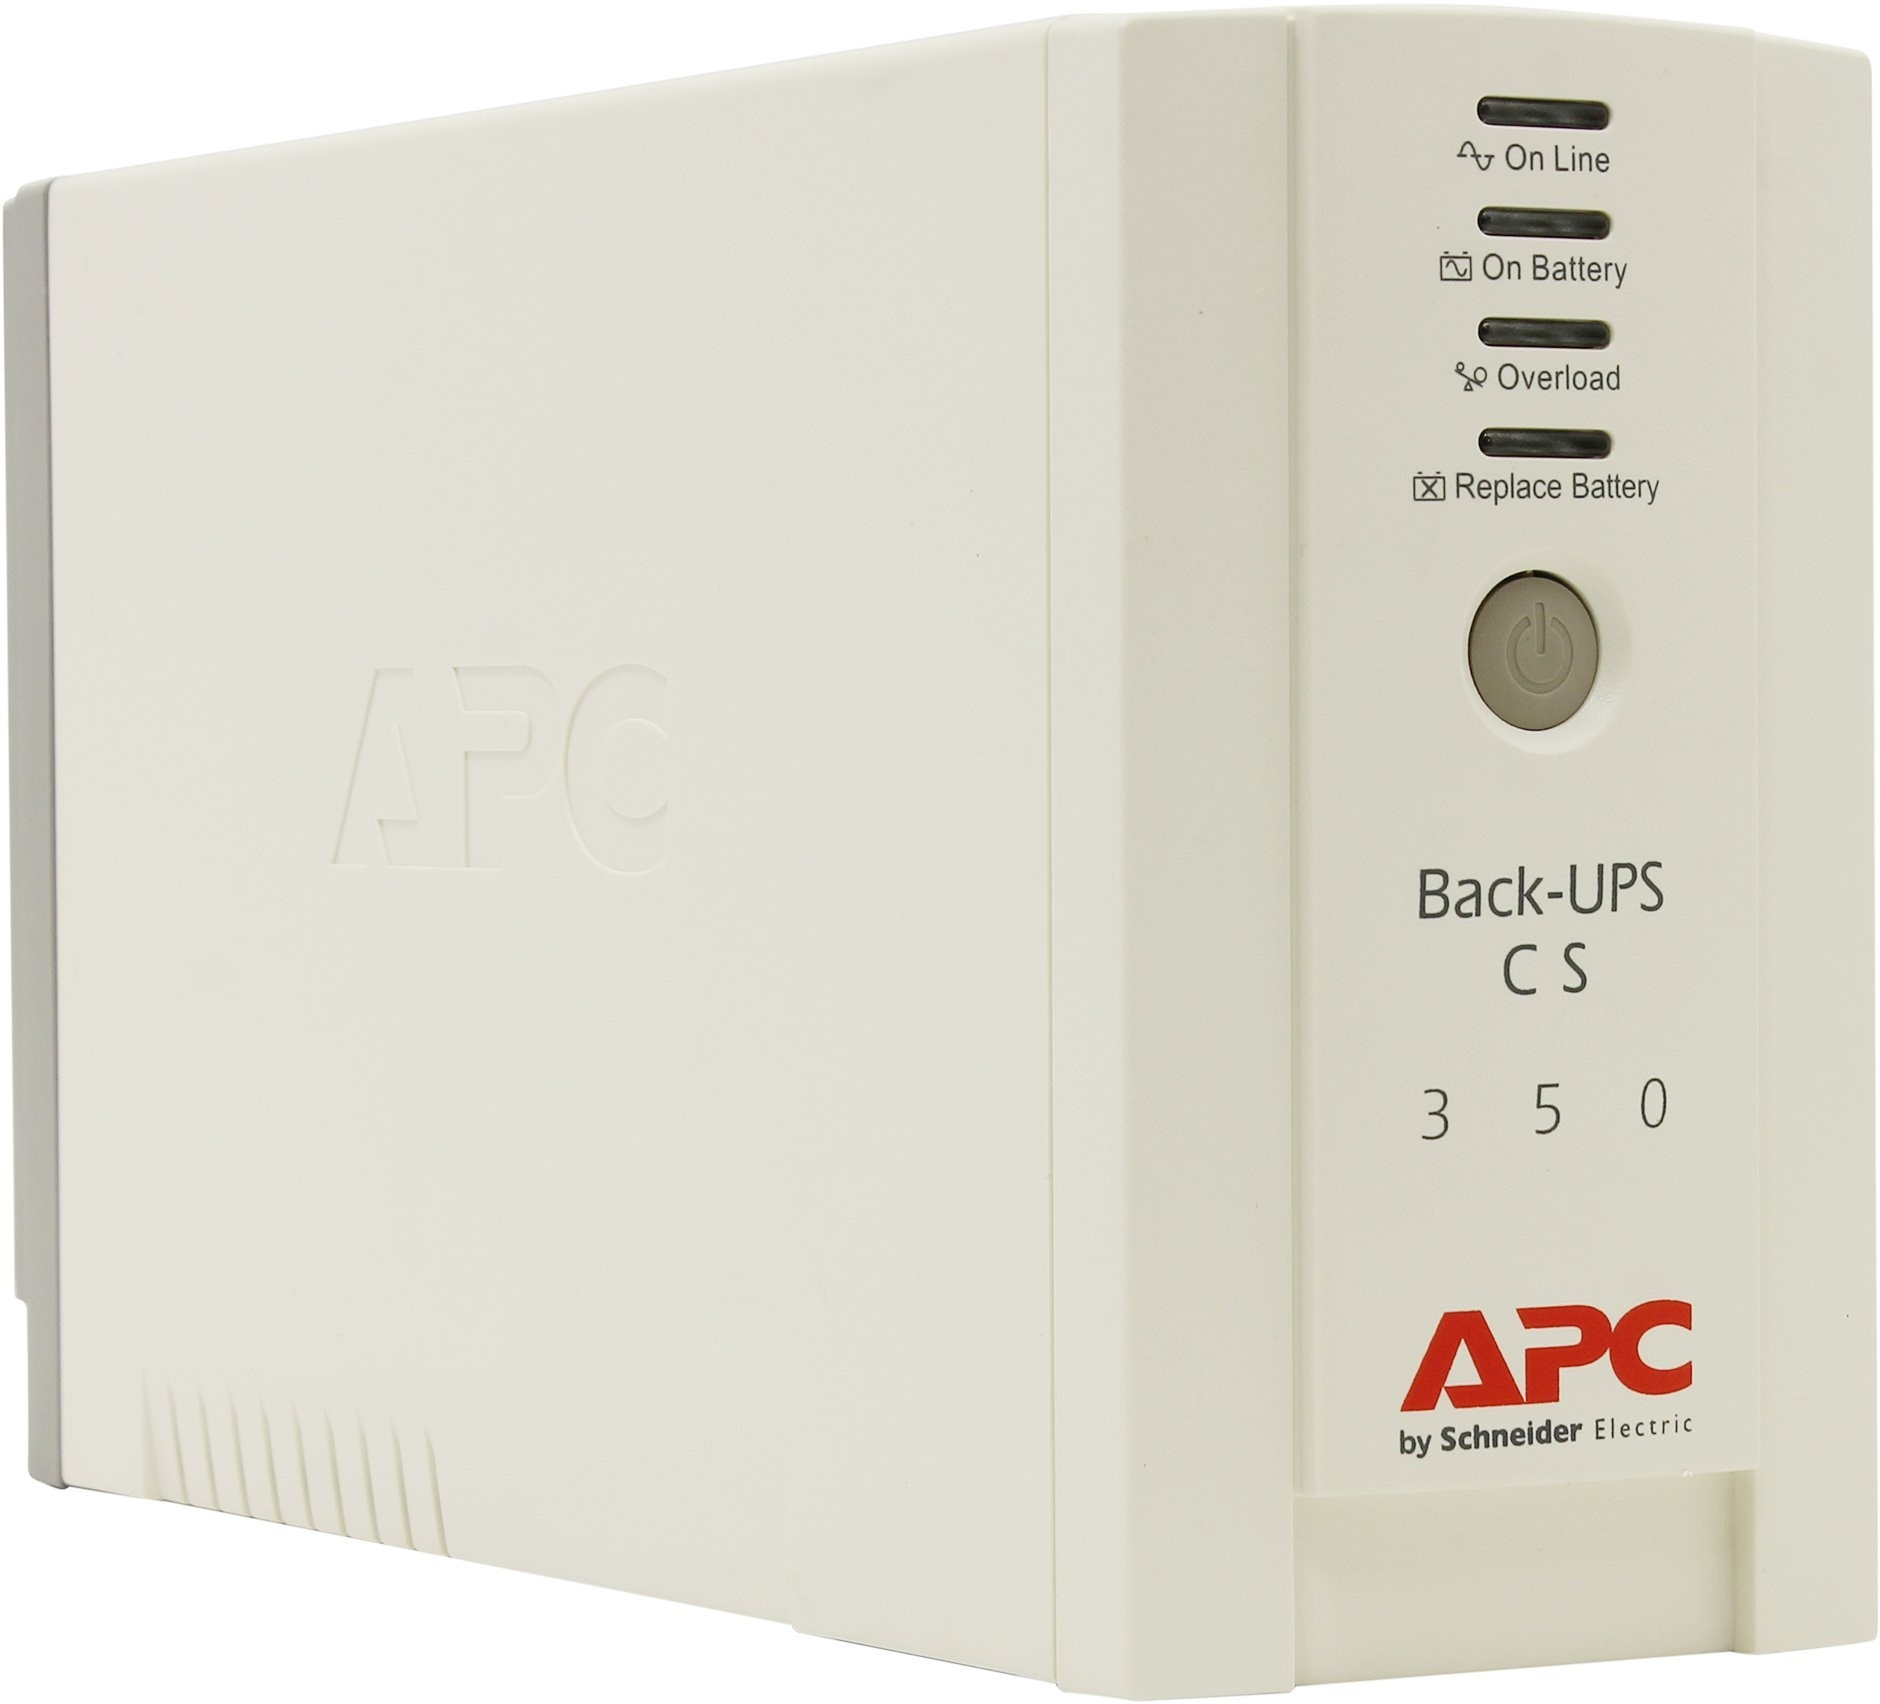 Apc back-ups 500 схема